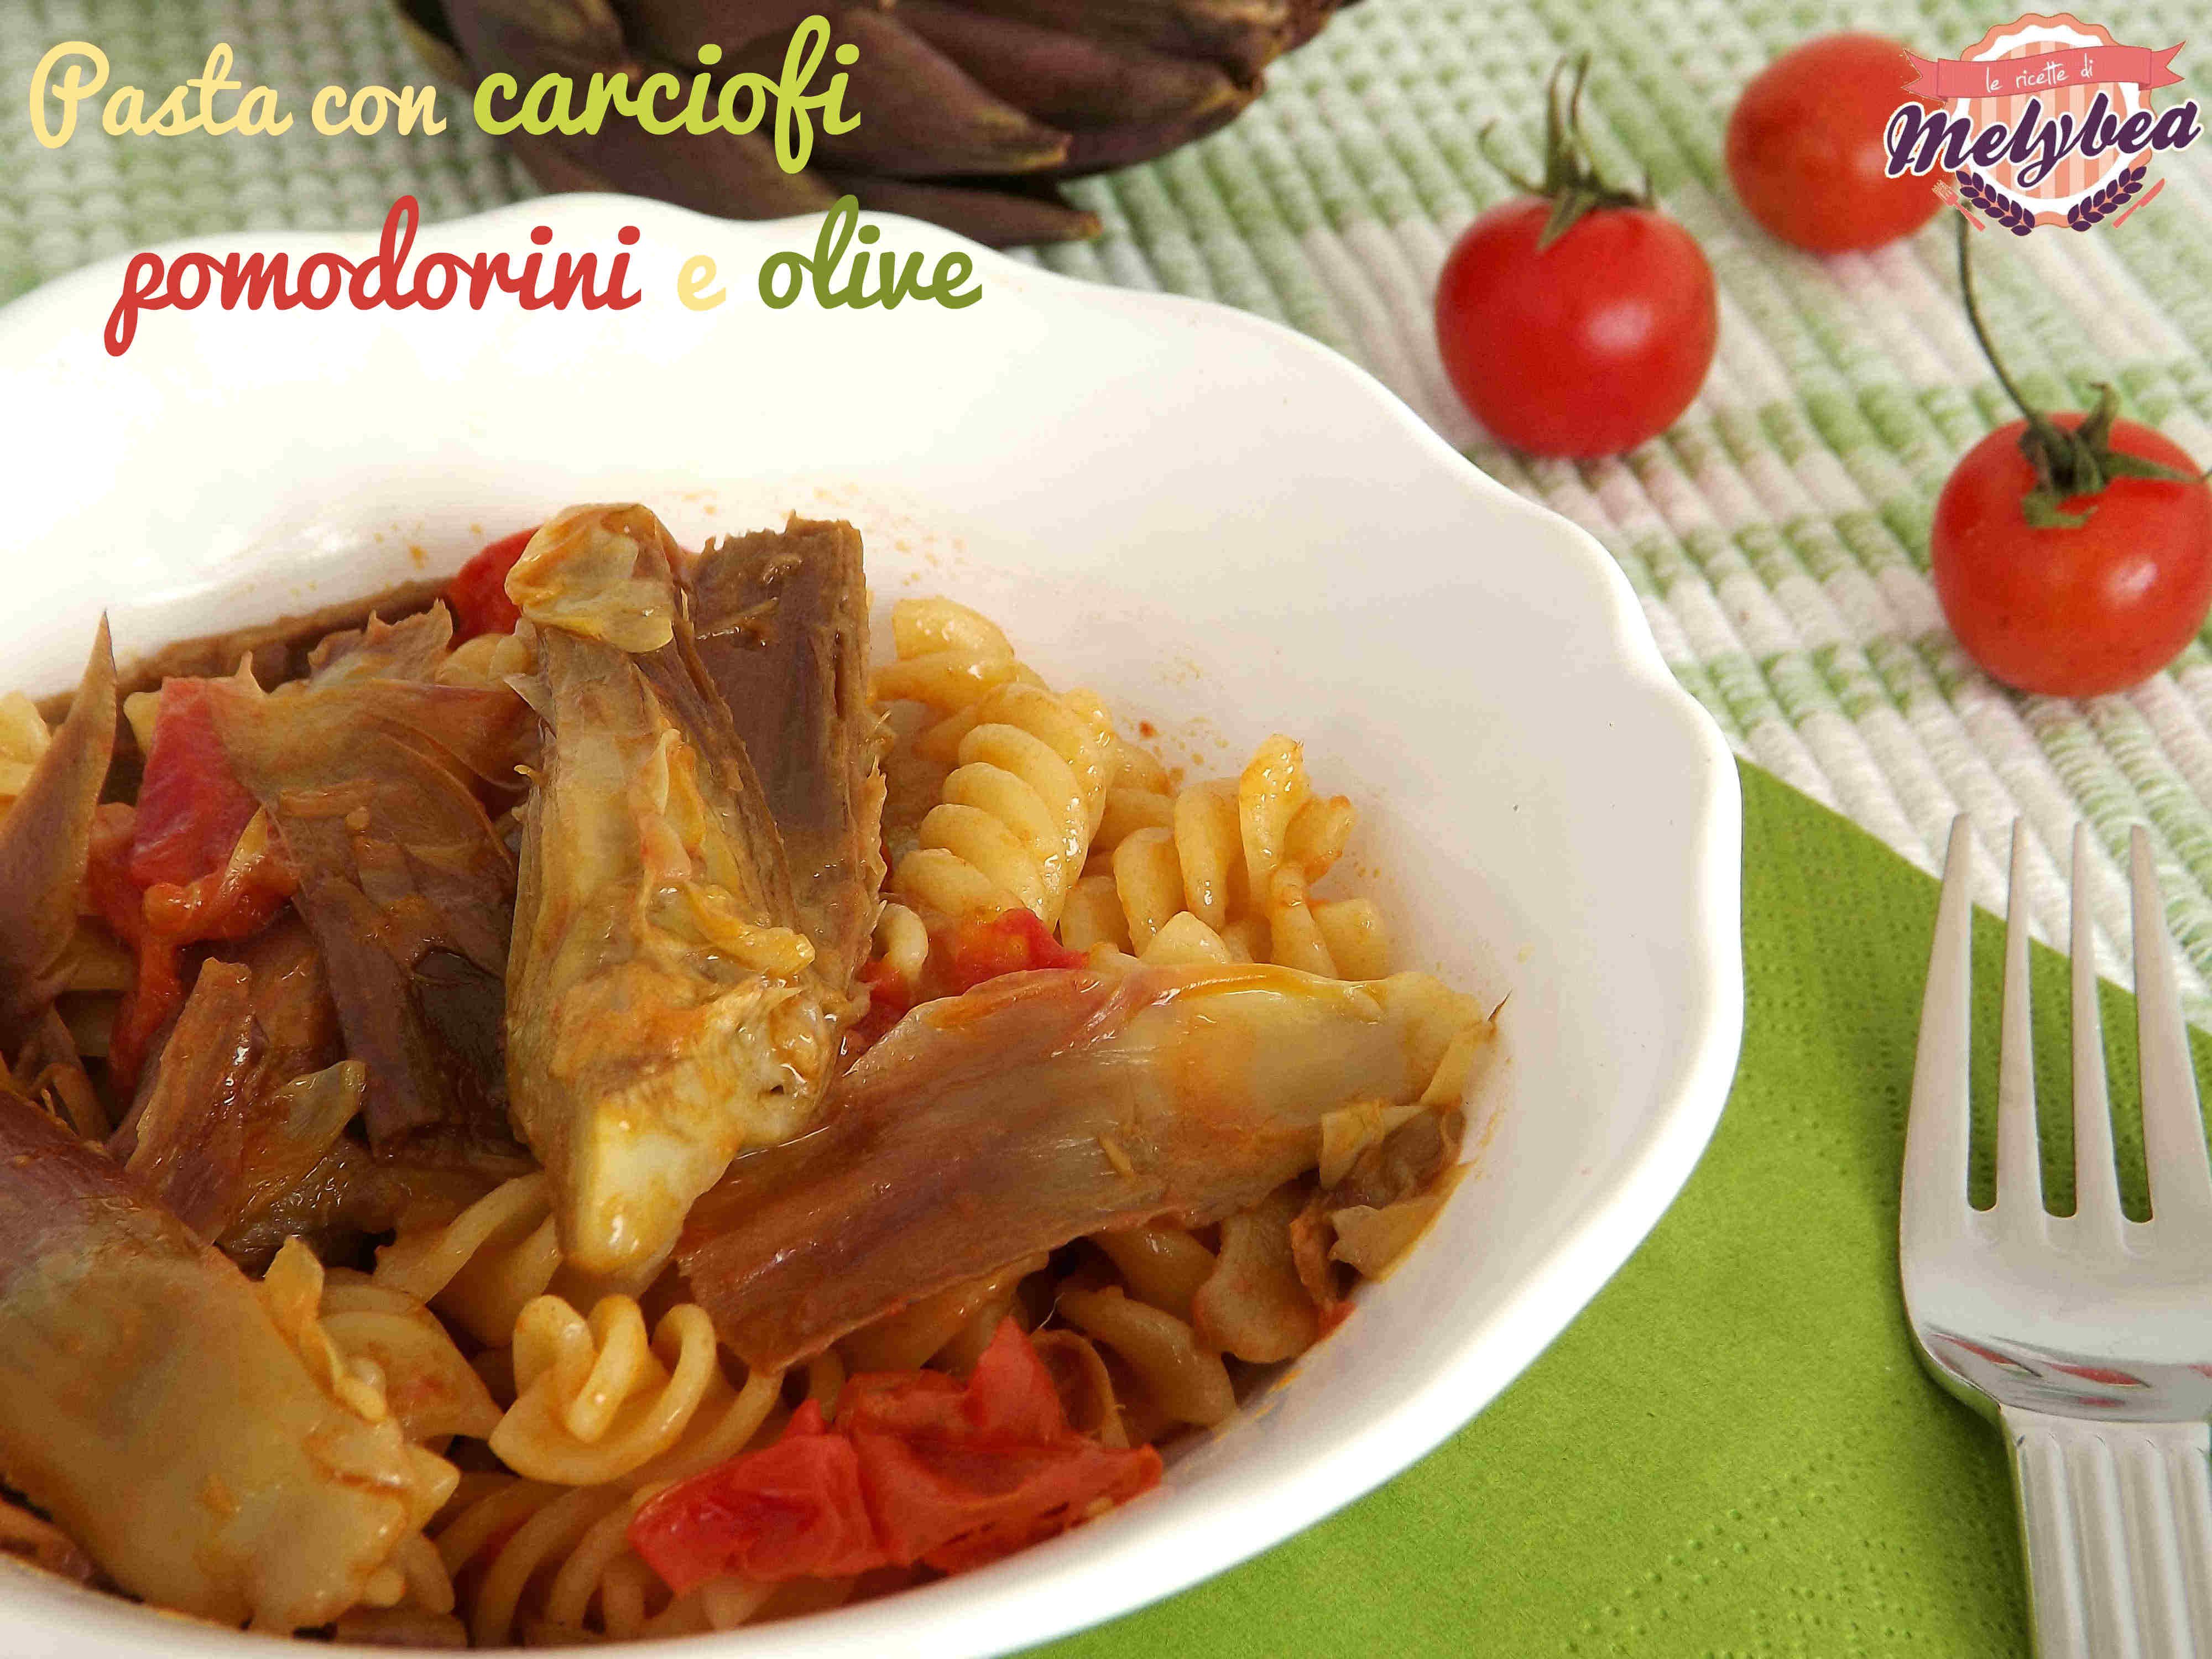 pasta con carciofi, pomodorini e olive